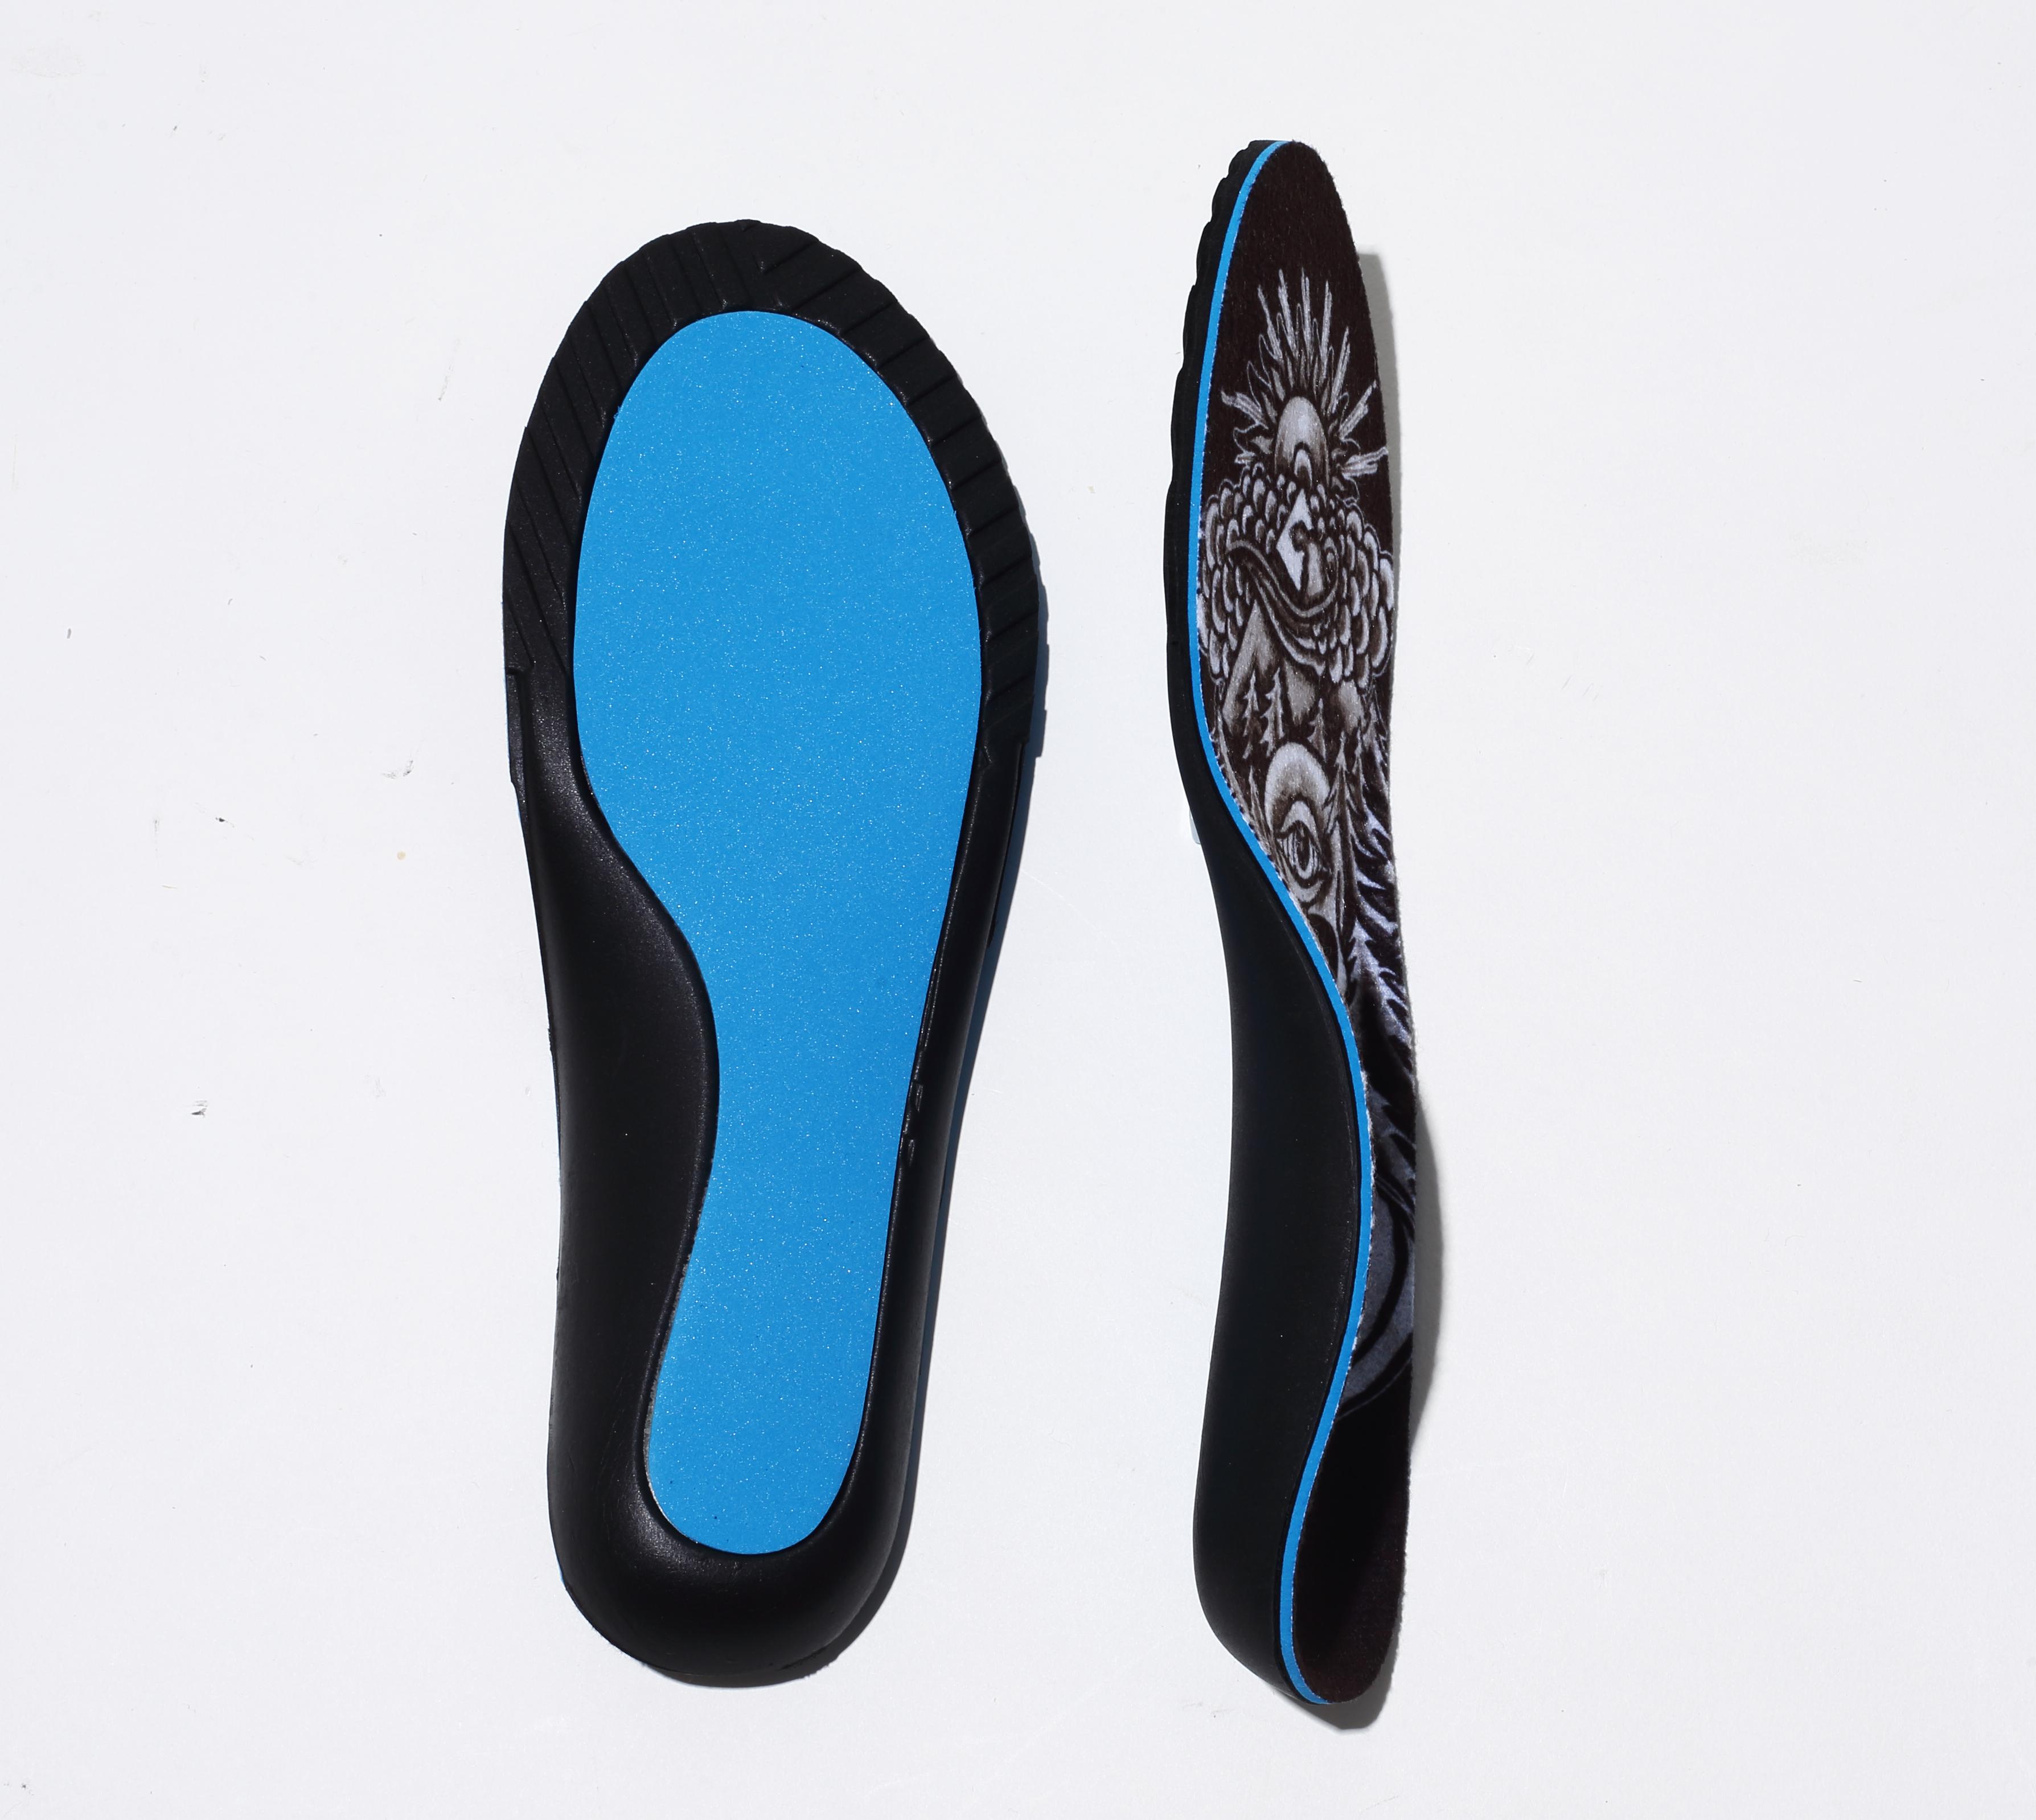 ほぼ足裏全体に衝撃吸収材ブルーマジックを装備した4層構造で最も衝撃吸収性が高い。ドクターや病院も推薦するスノーボーダーに最適のMEDIC 。ジャンプの衝撃、疲労から確実に足を守ってくれる